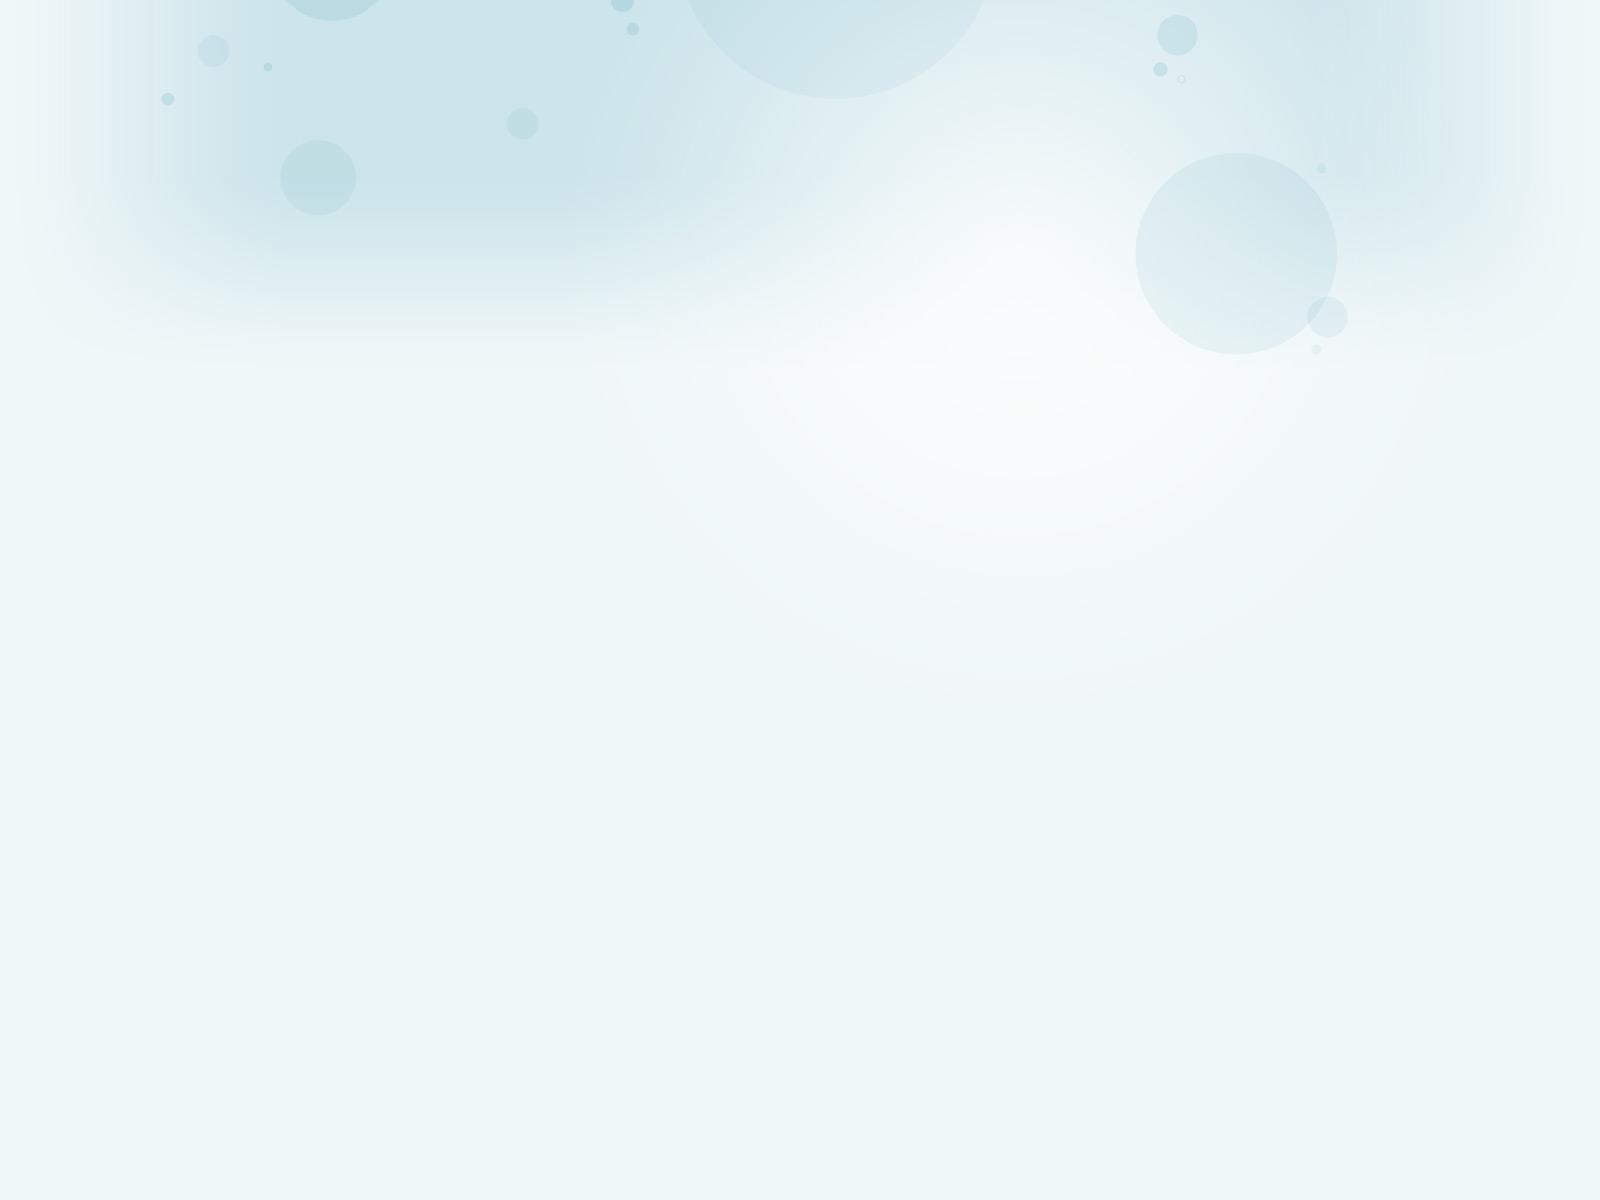 grafik tasarım Grafik Tasarım bg 8 1